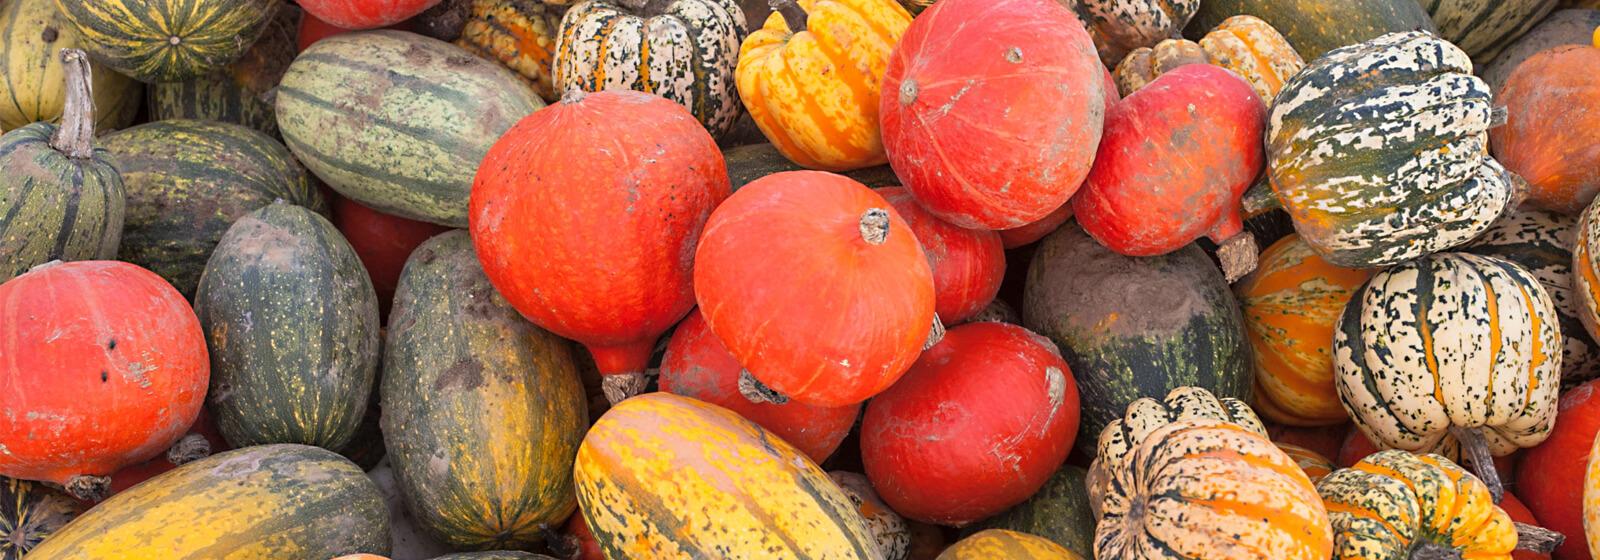 Pumpkins image slide